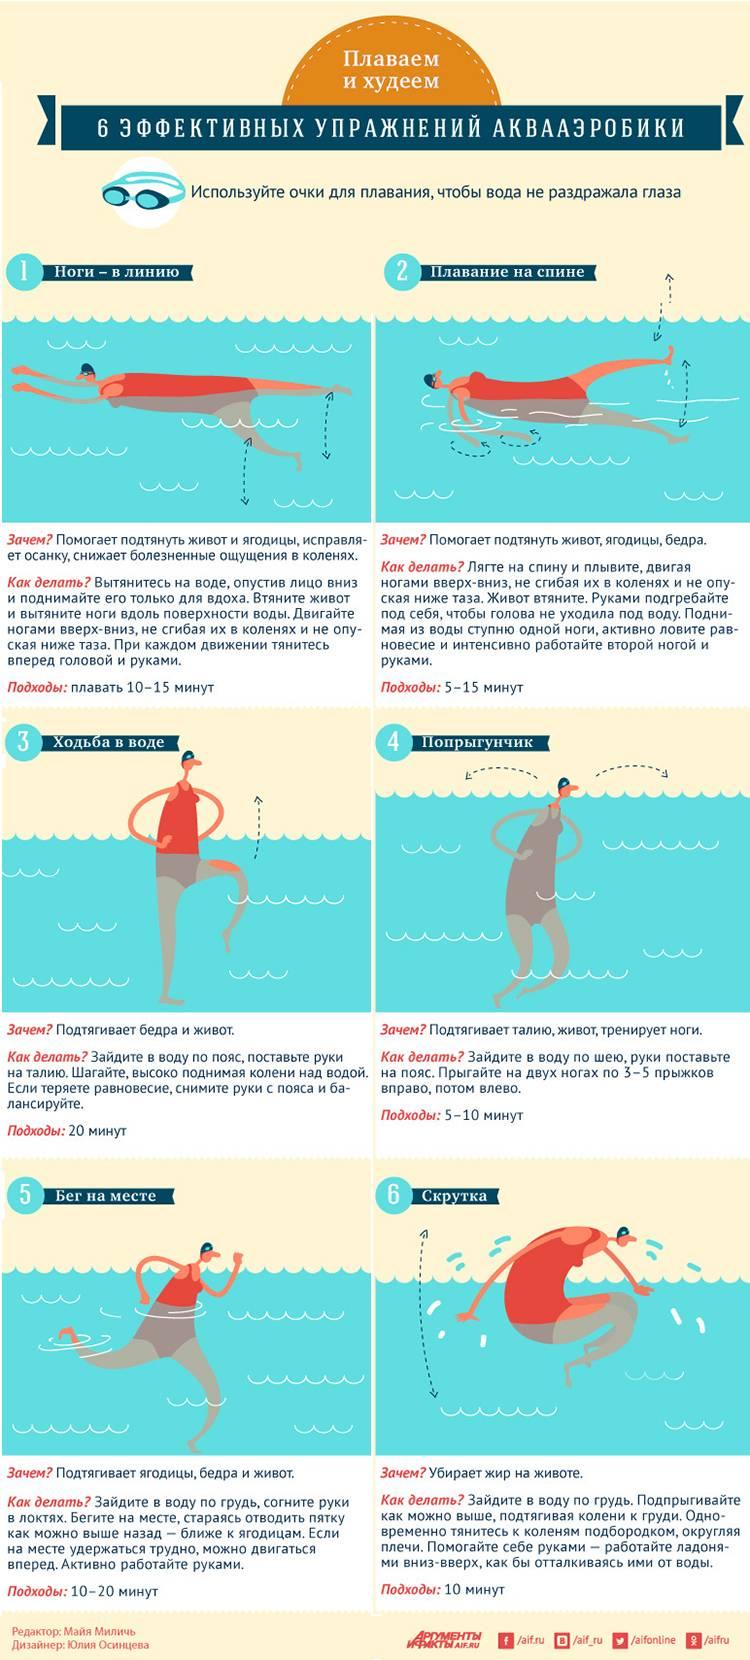 Плавание Помогает Для Похудения. Похудение в басейне с помощью разными видами плавания